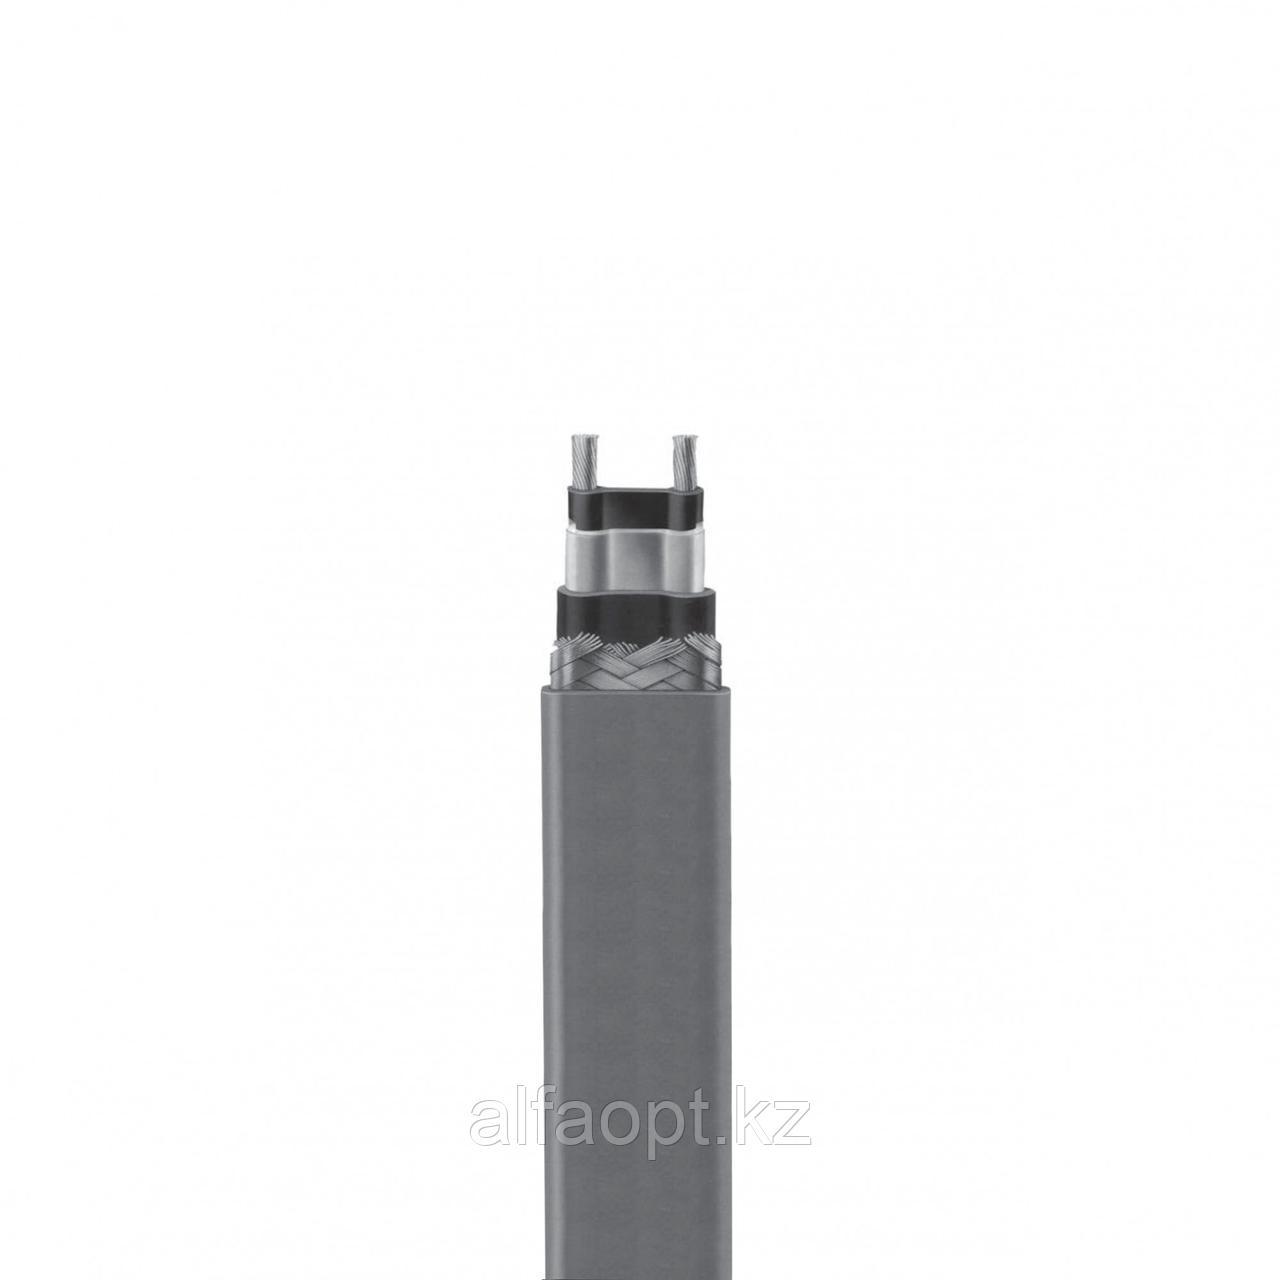 Саморегулирующийся нагревательный кабель NELSON LT-23 – J